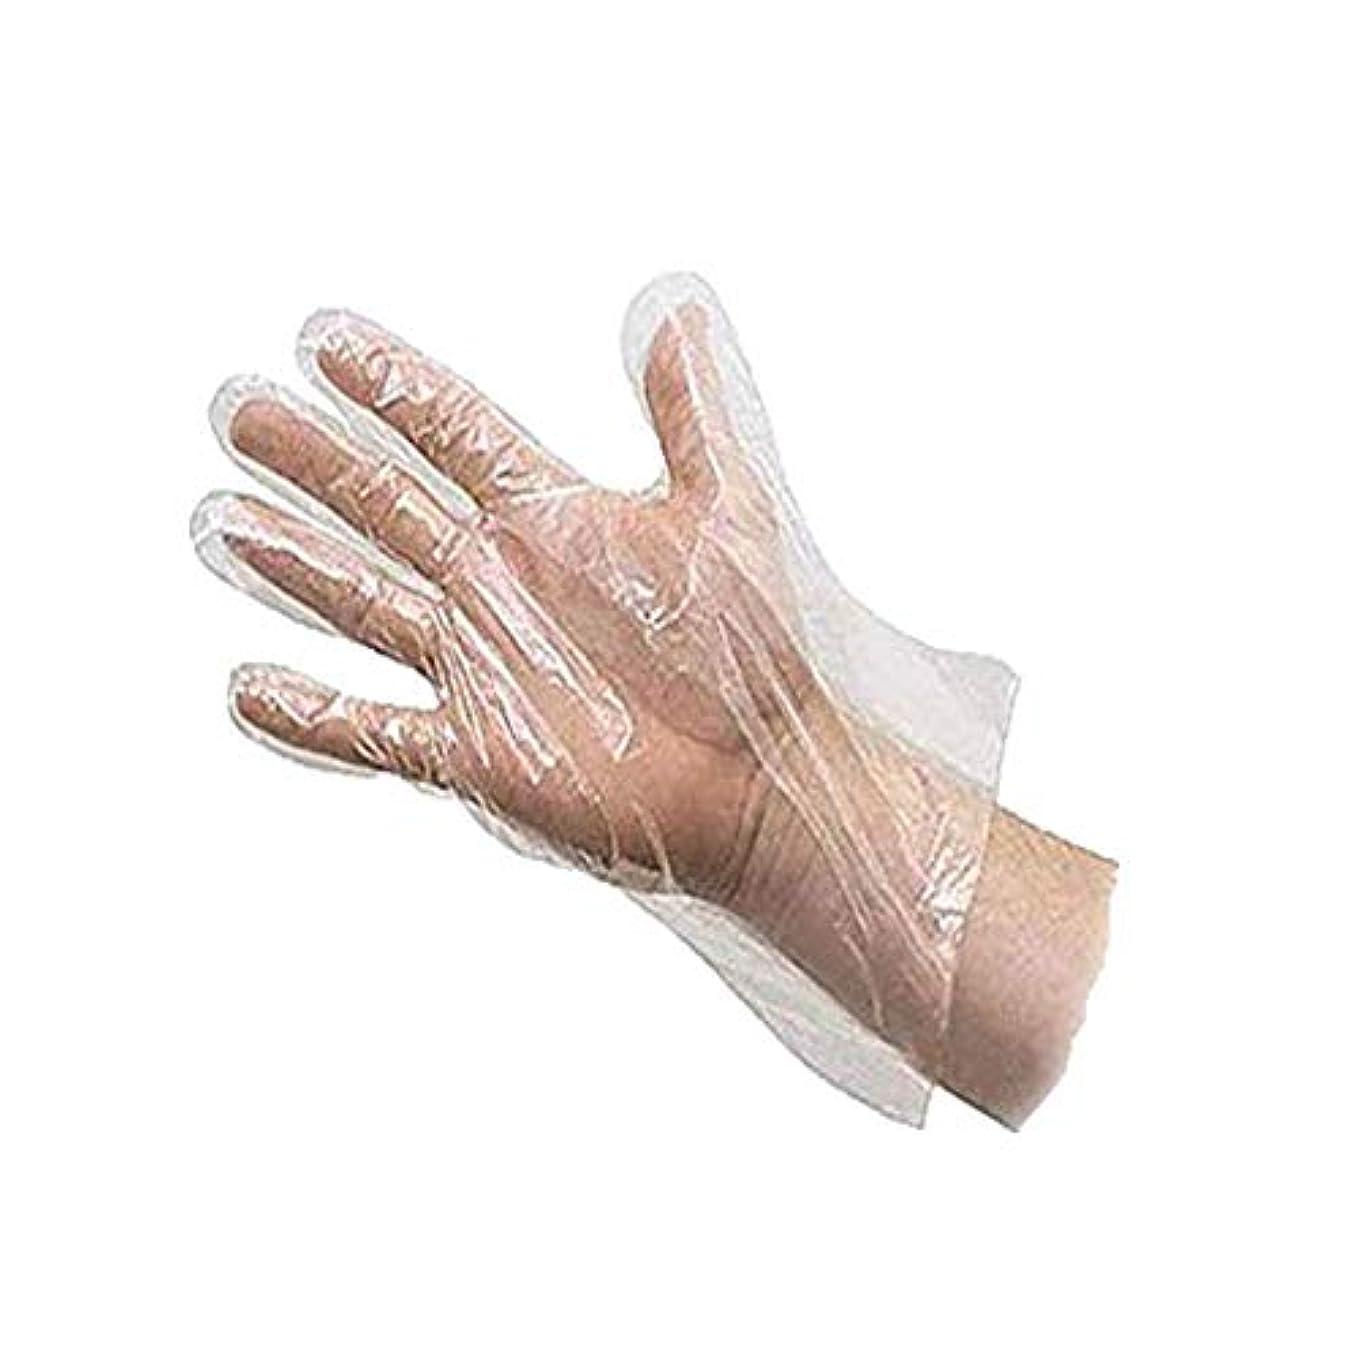 サミット再編成する回答UCCU プレミアム 使い捨て手袋 調理用 食品 プラスチック ホワイト 粉なし 食品衛生 透明 左右兼用 薄型 ビニール極薄手袋 100枚入り 便利